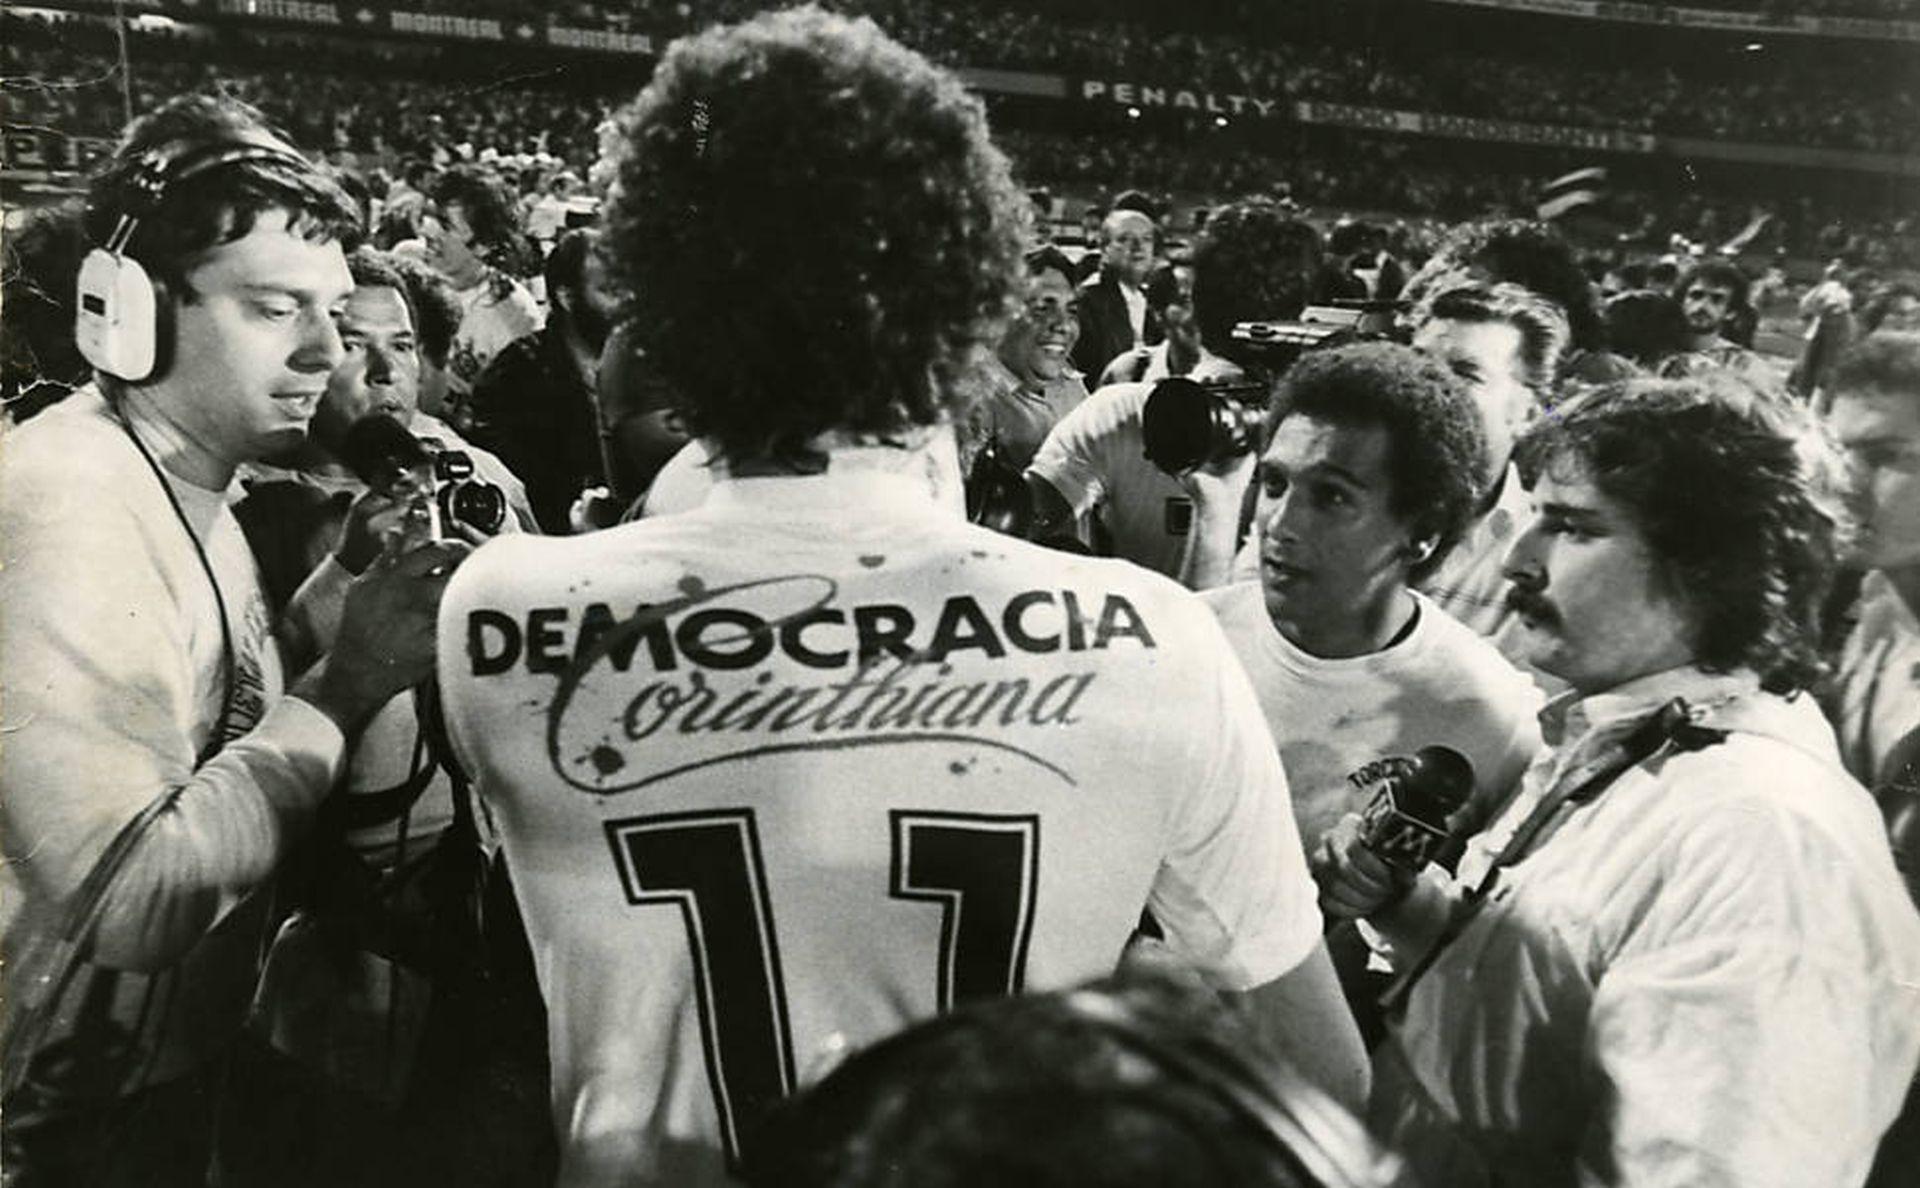 La democrazia nel calcio di Socrates